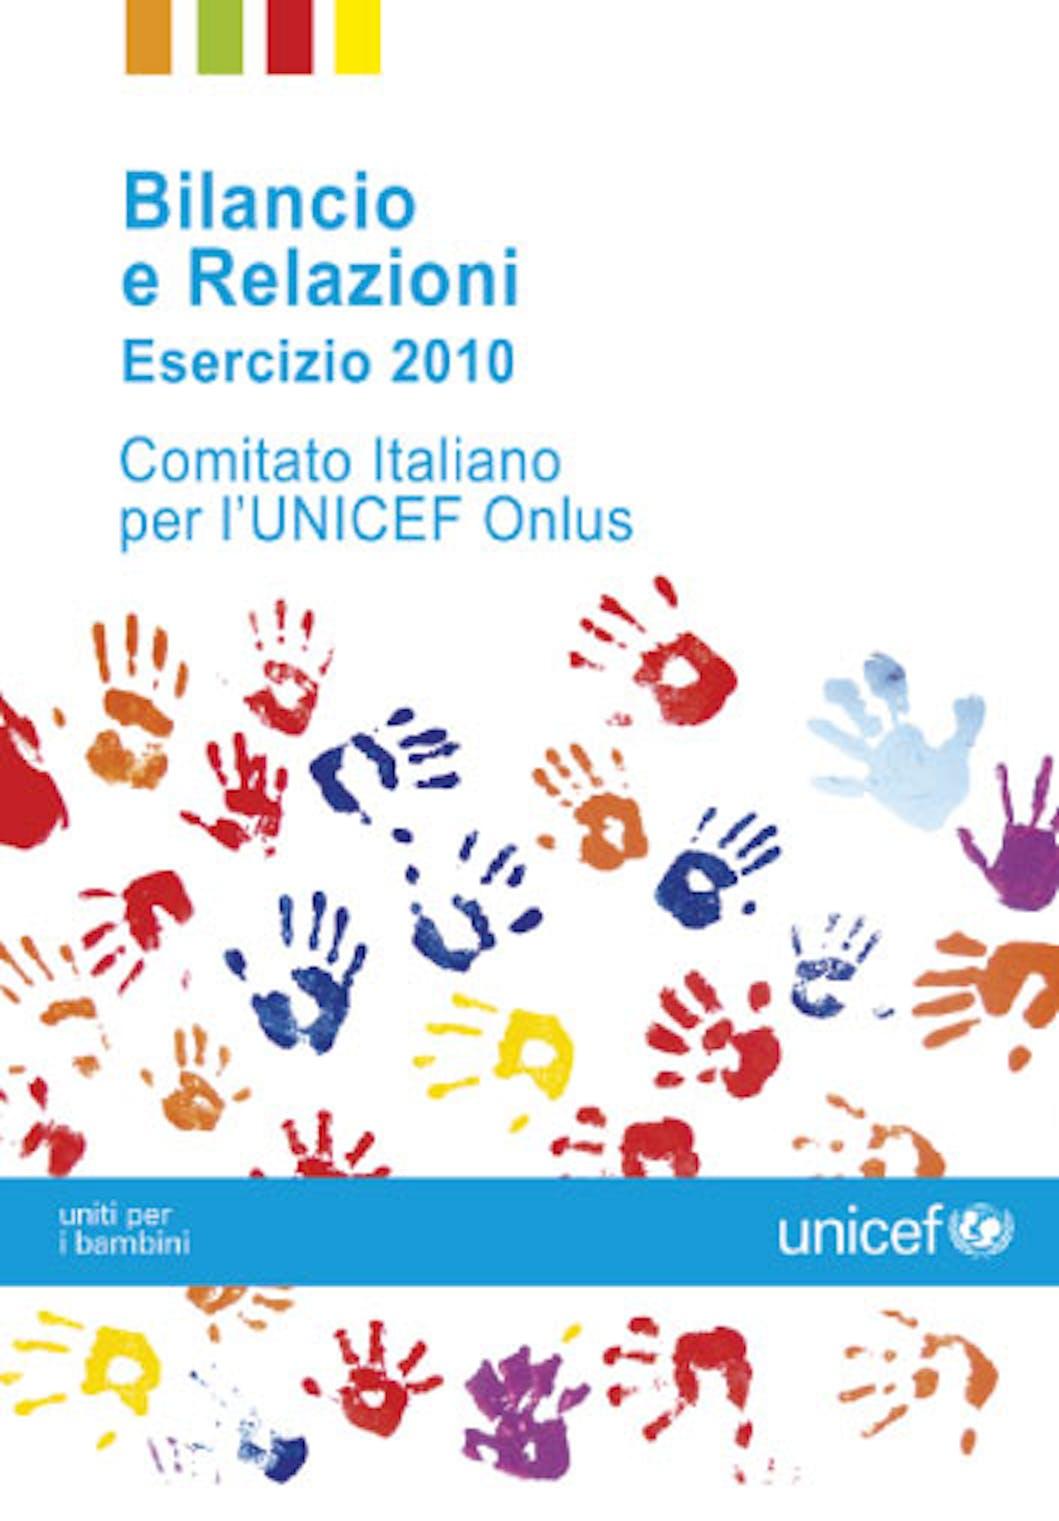 Bilancio e Relazioni Esercizio 2010 Comitato Italiano UNICEF